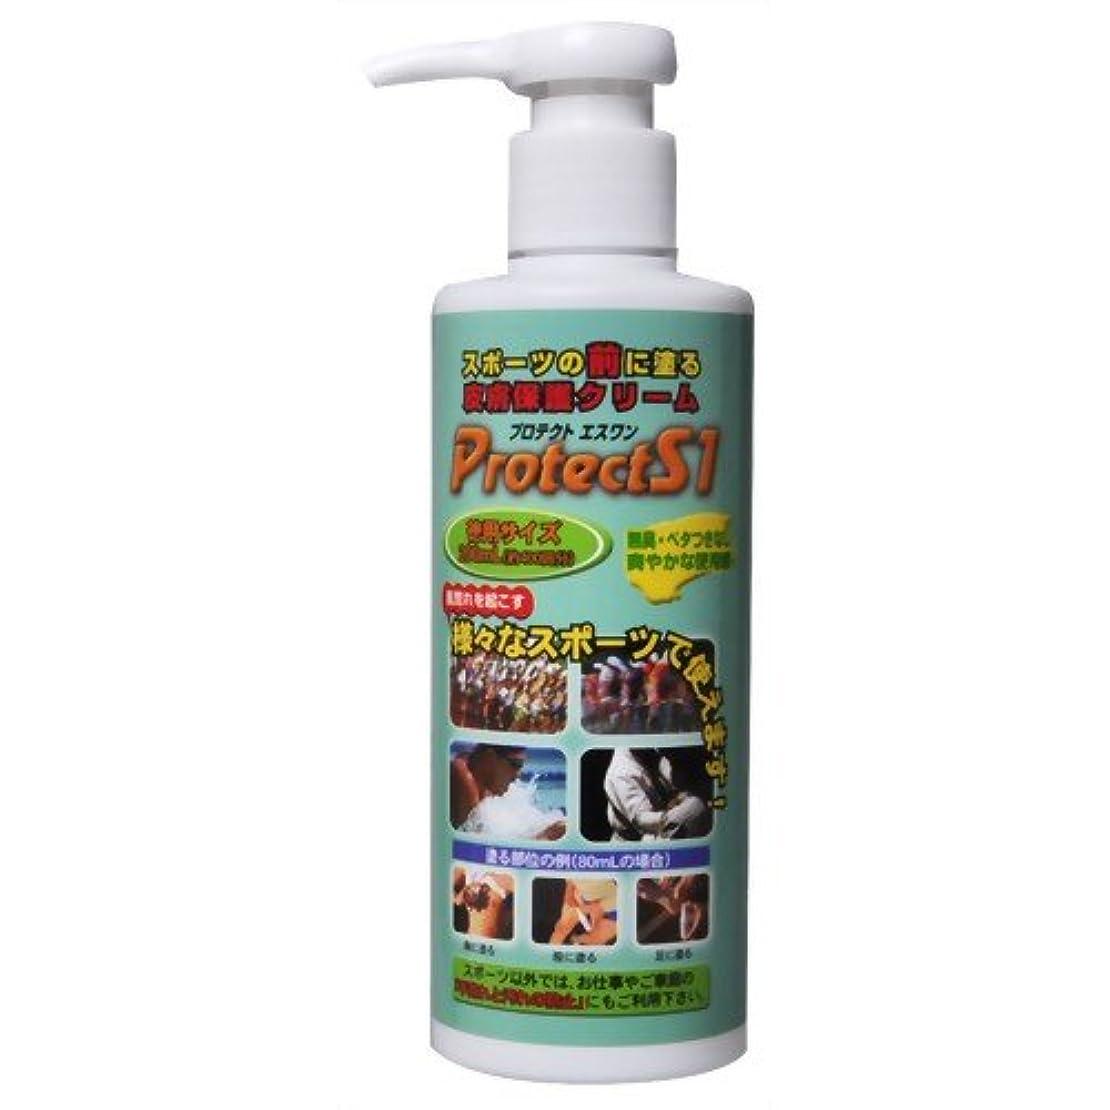 与える仲介者強調するProtect S1 スポーツ摩擦皮膚保護クリーム 200ml